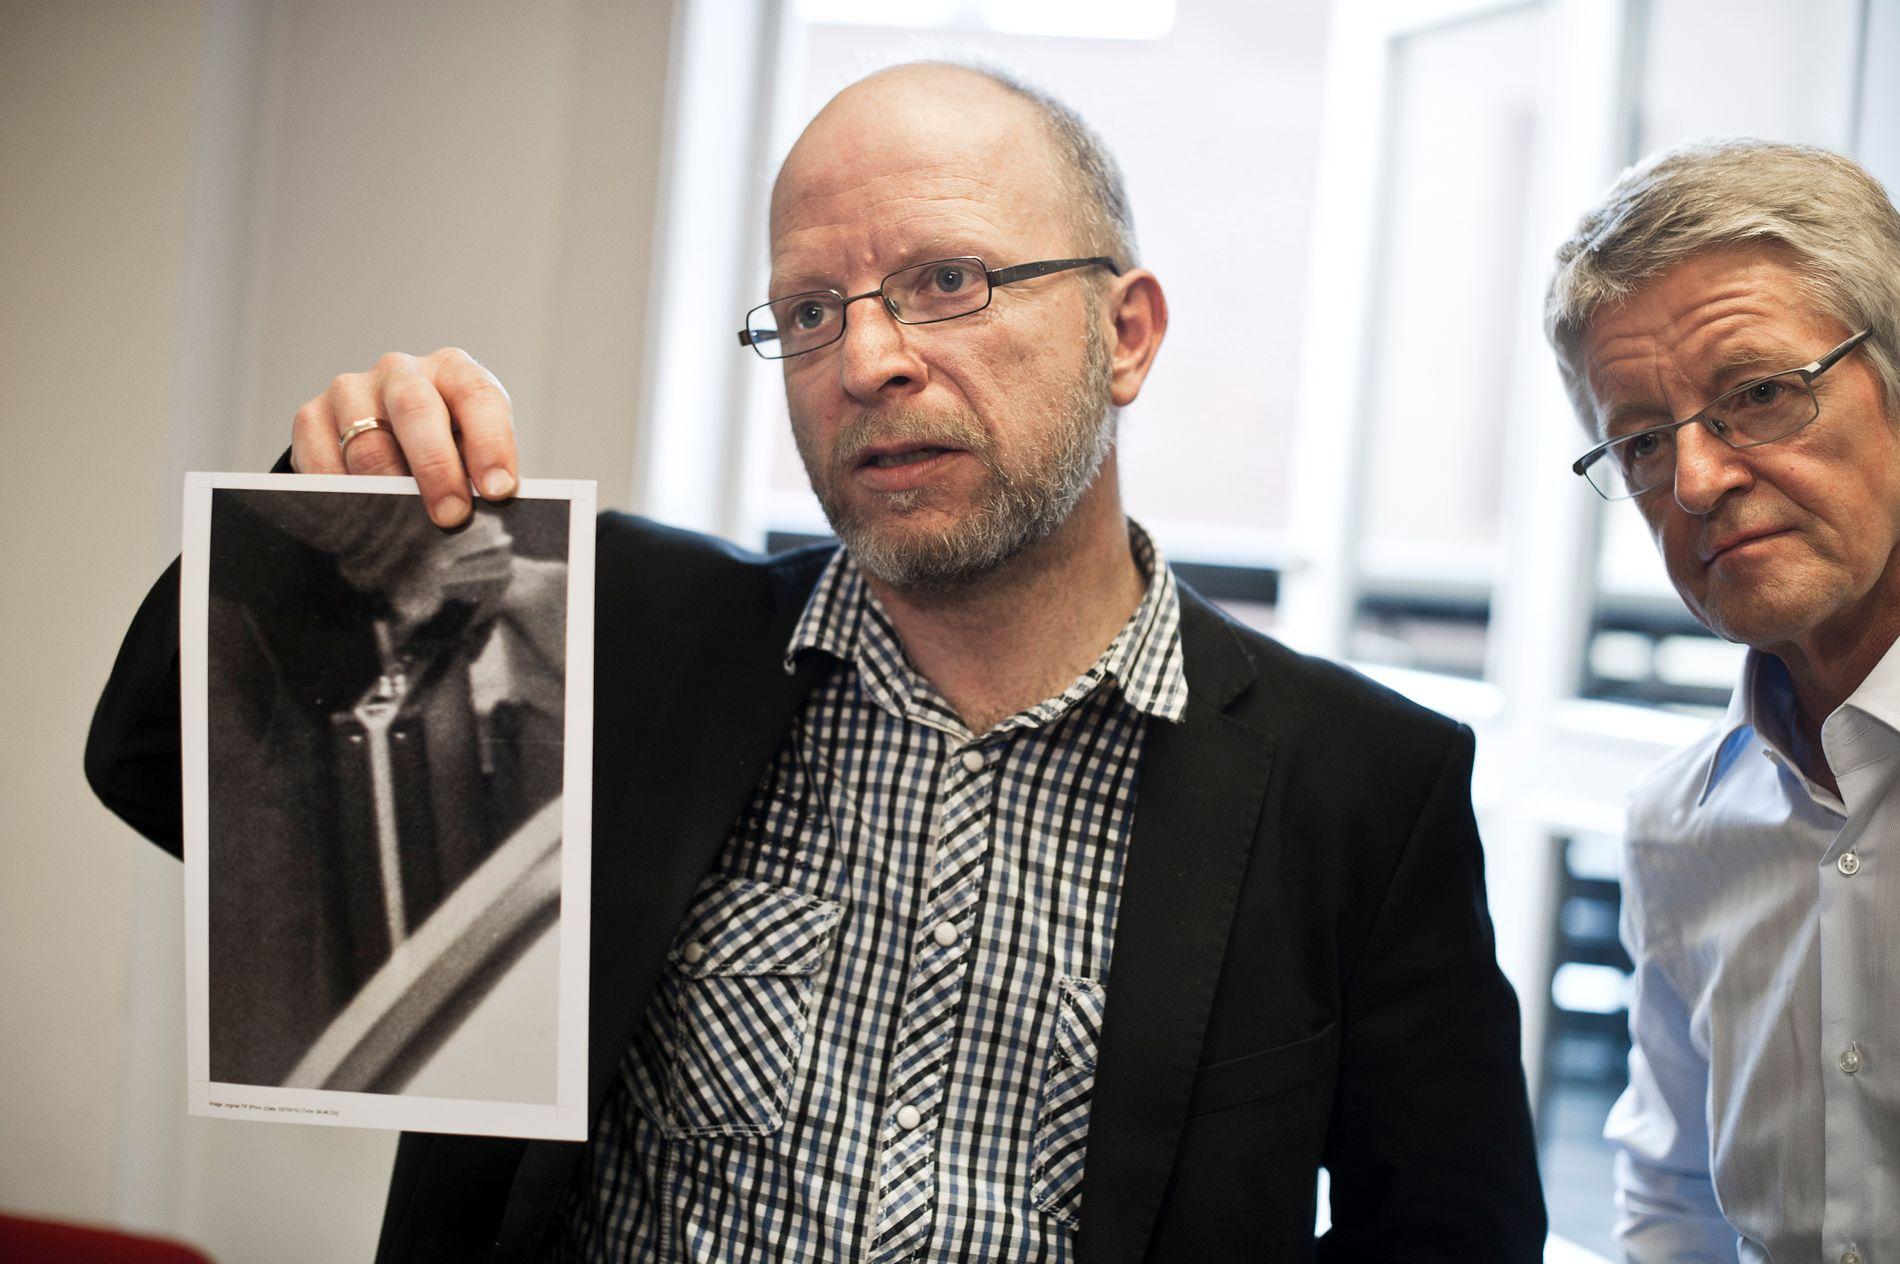 AVSLØRT:  Geir Selvik Malthe-Sørenssen (52) er blant annet tiltalt for grovt bedrageri mot advokat Harald Stabell. I 2013 skal han ha brukt en falsk kreftdiagnose for å få en halv million kroner i lån fra advokaten